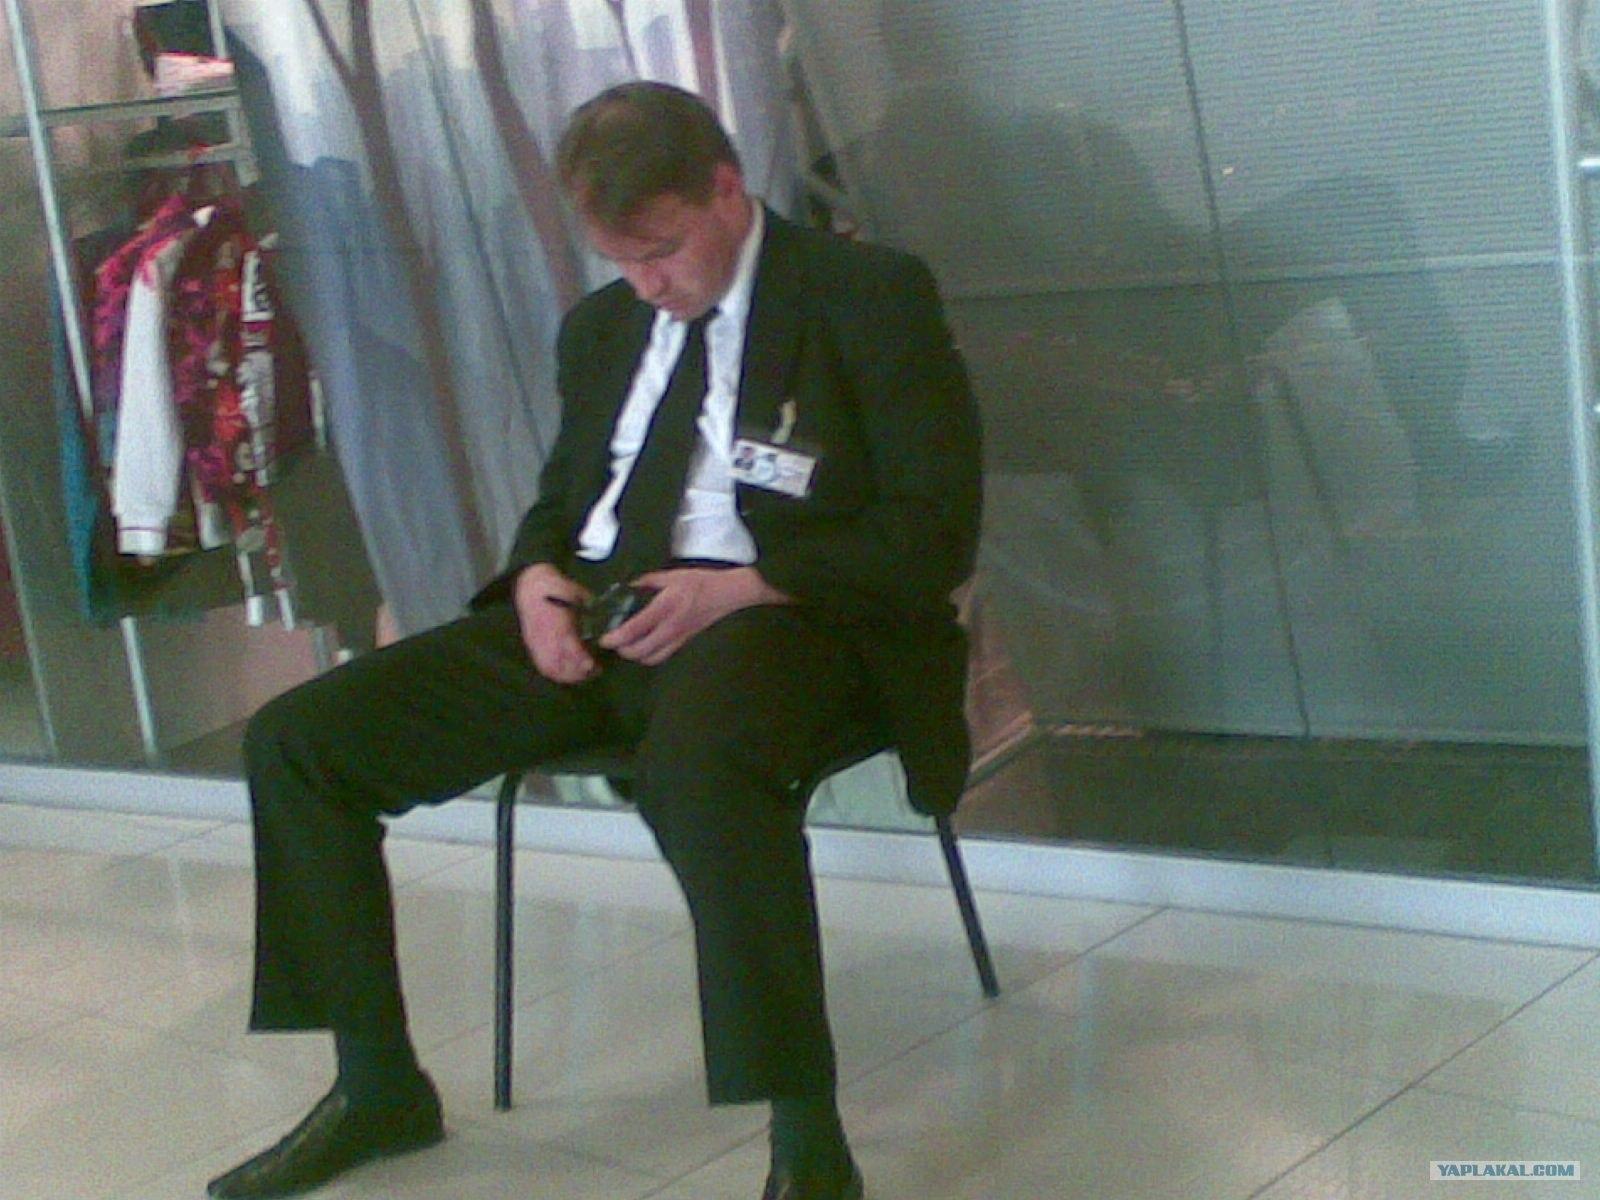 свою вторую охранник спит на посту фото мельницы одно